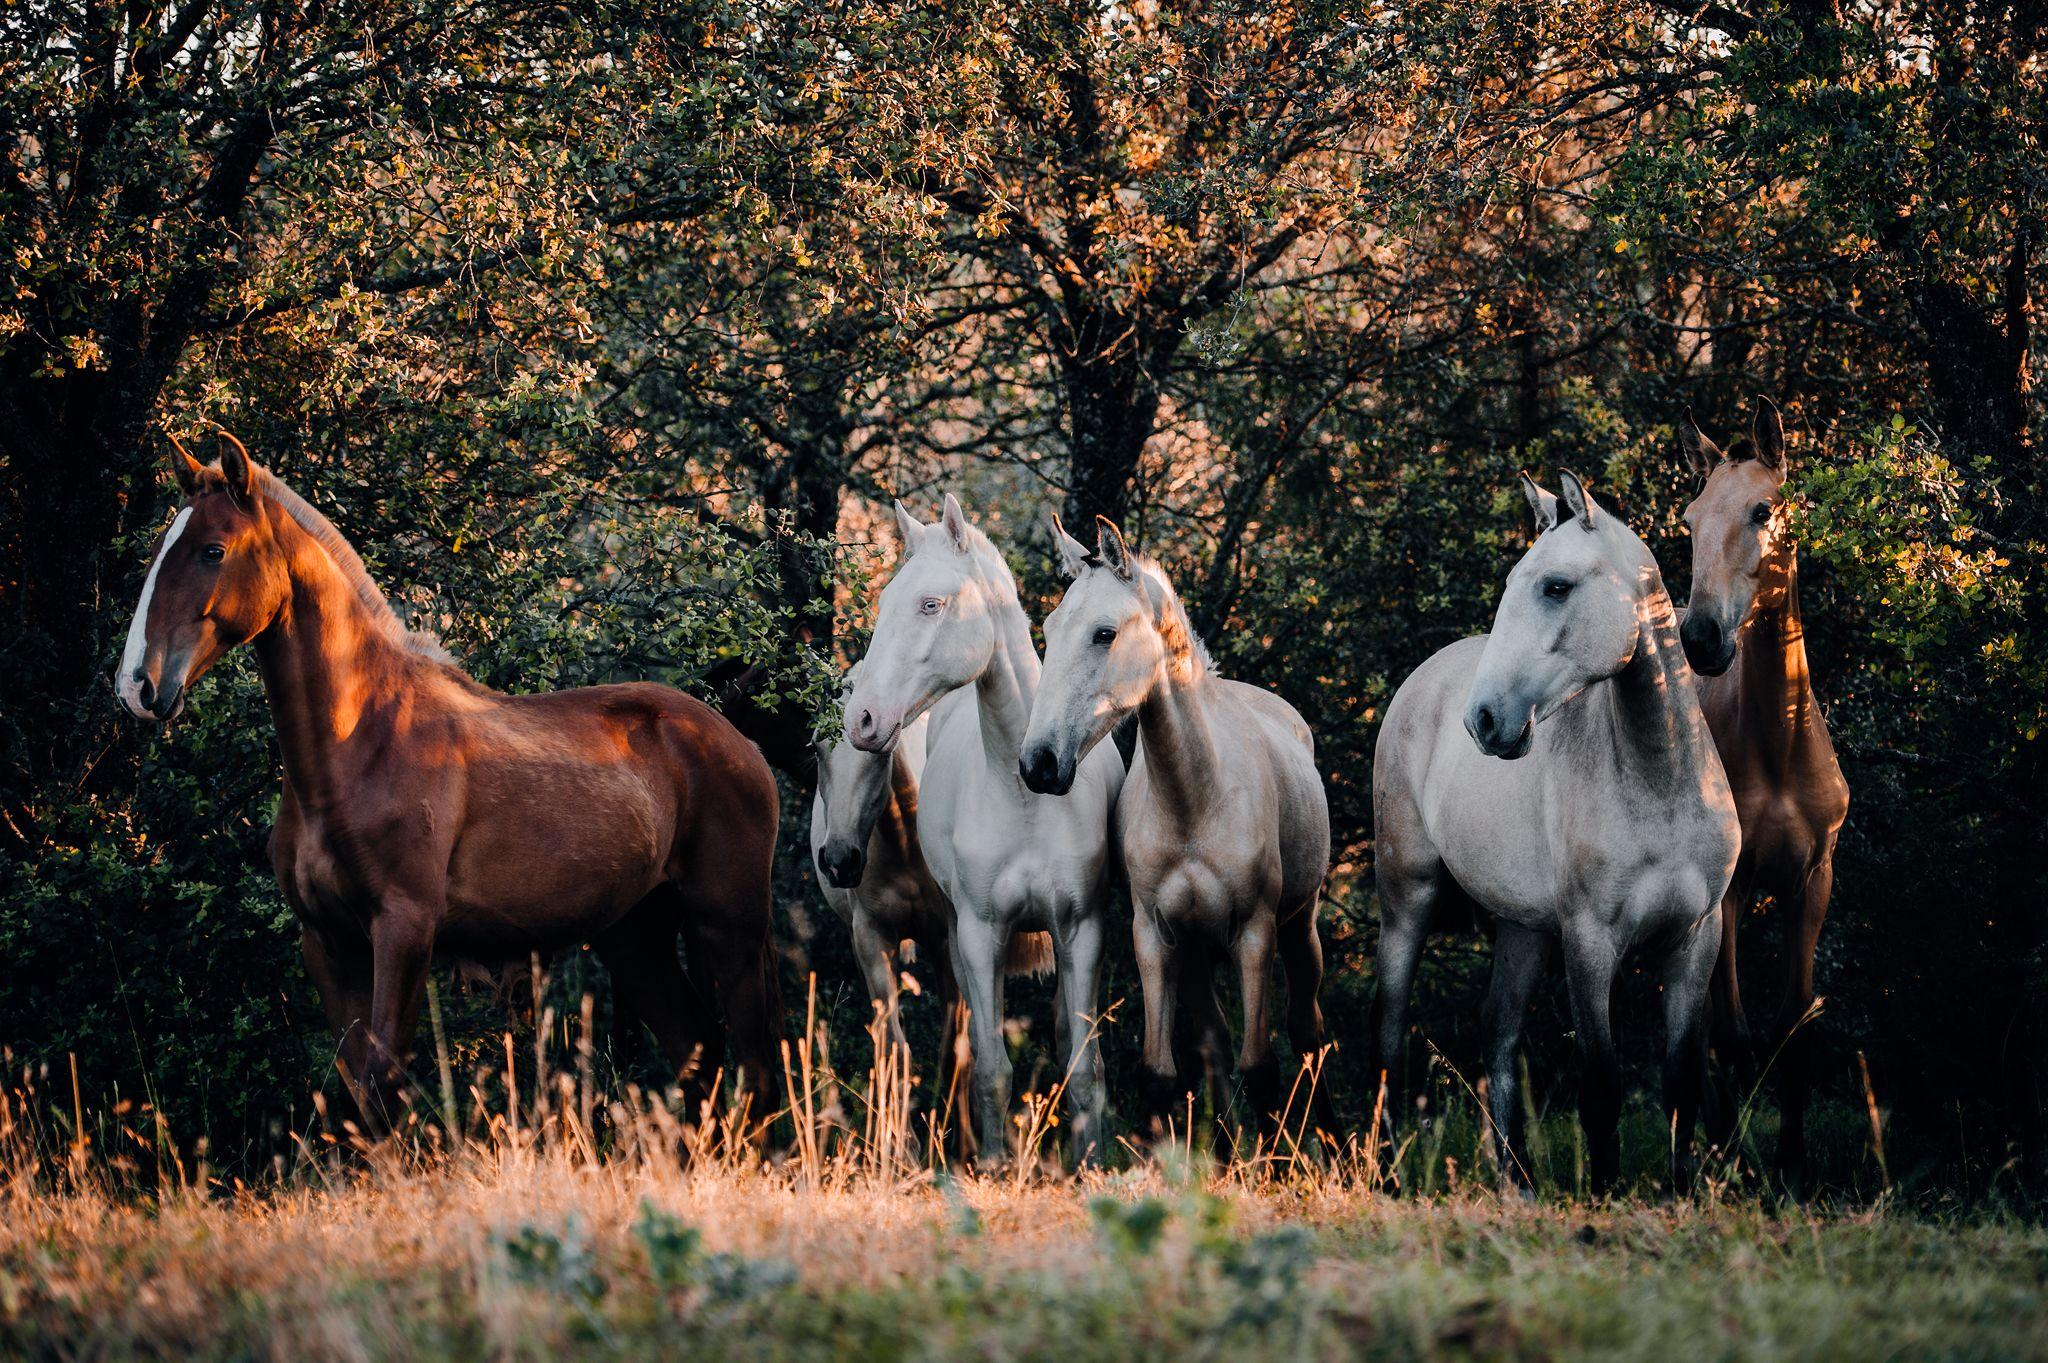 Fotos Pferde In Der Natur I Pferde Fotografie Pferde Pferdefotografie